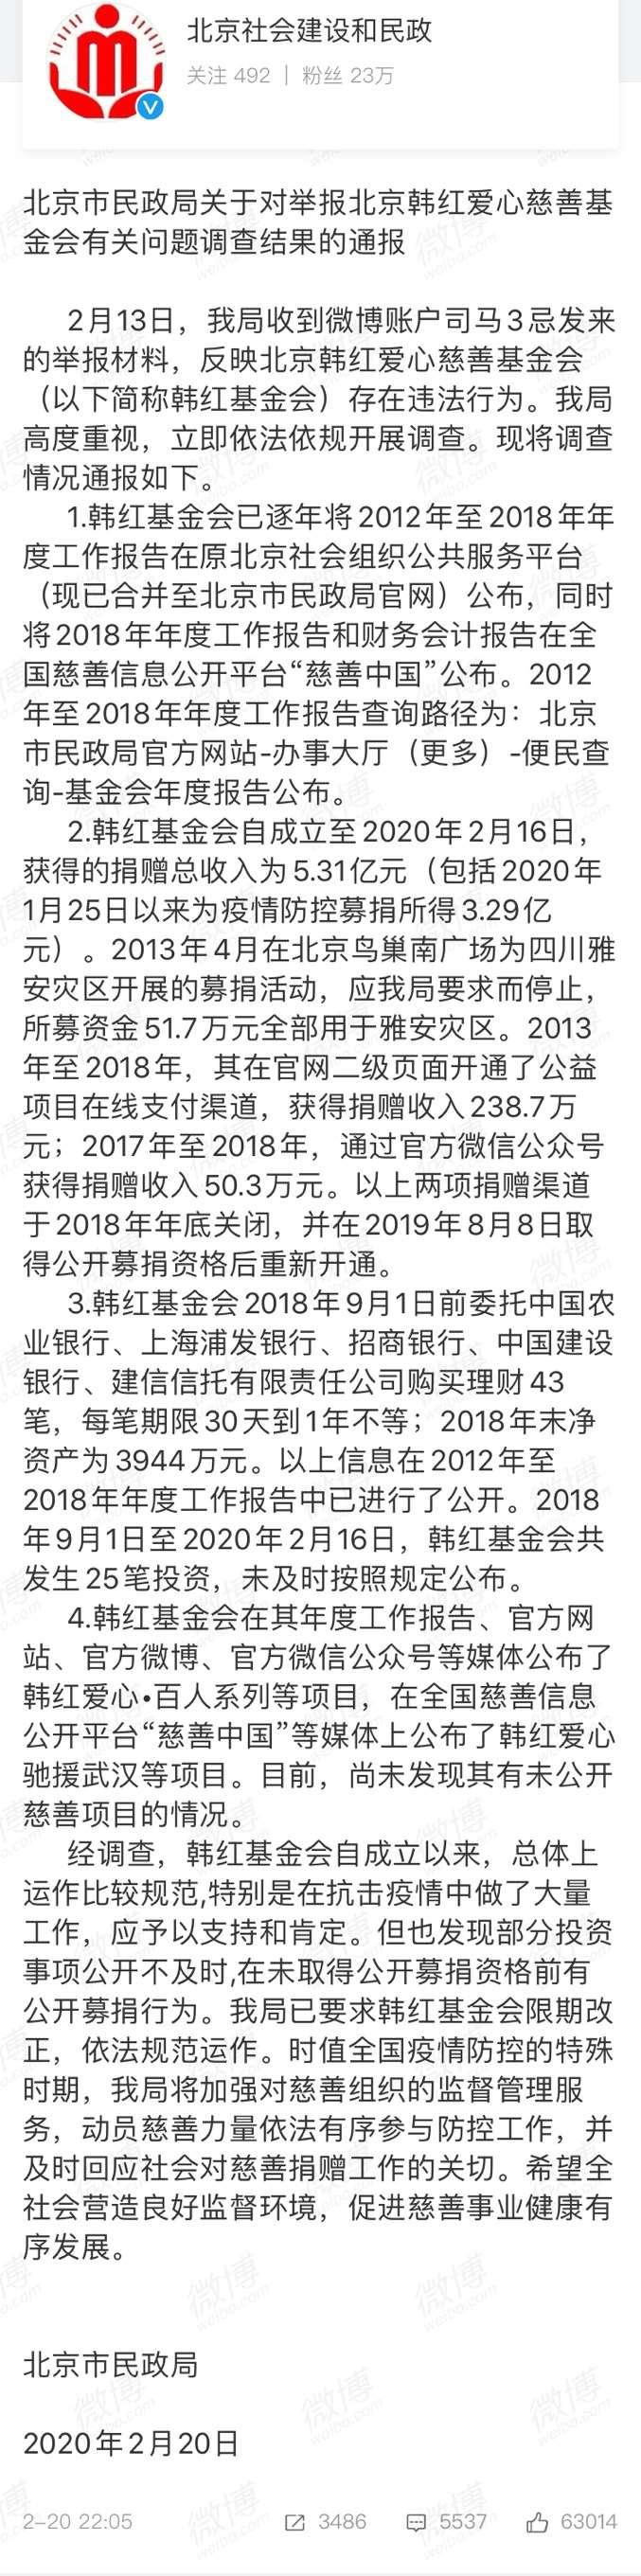 韓紅基金會被舉報違法?北京民政局: